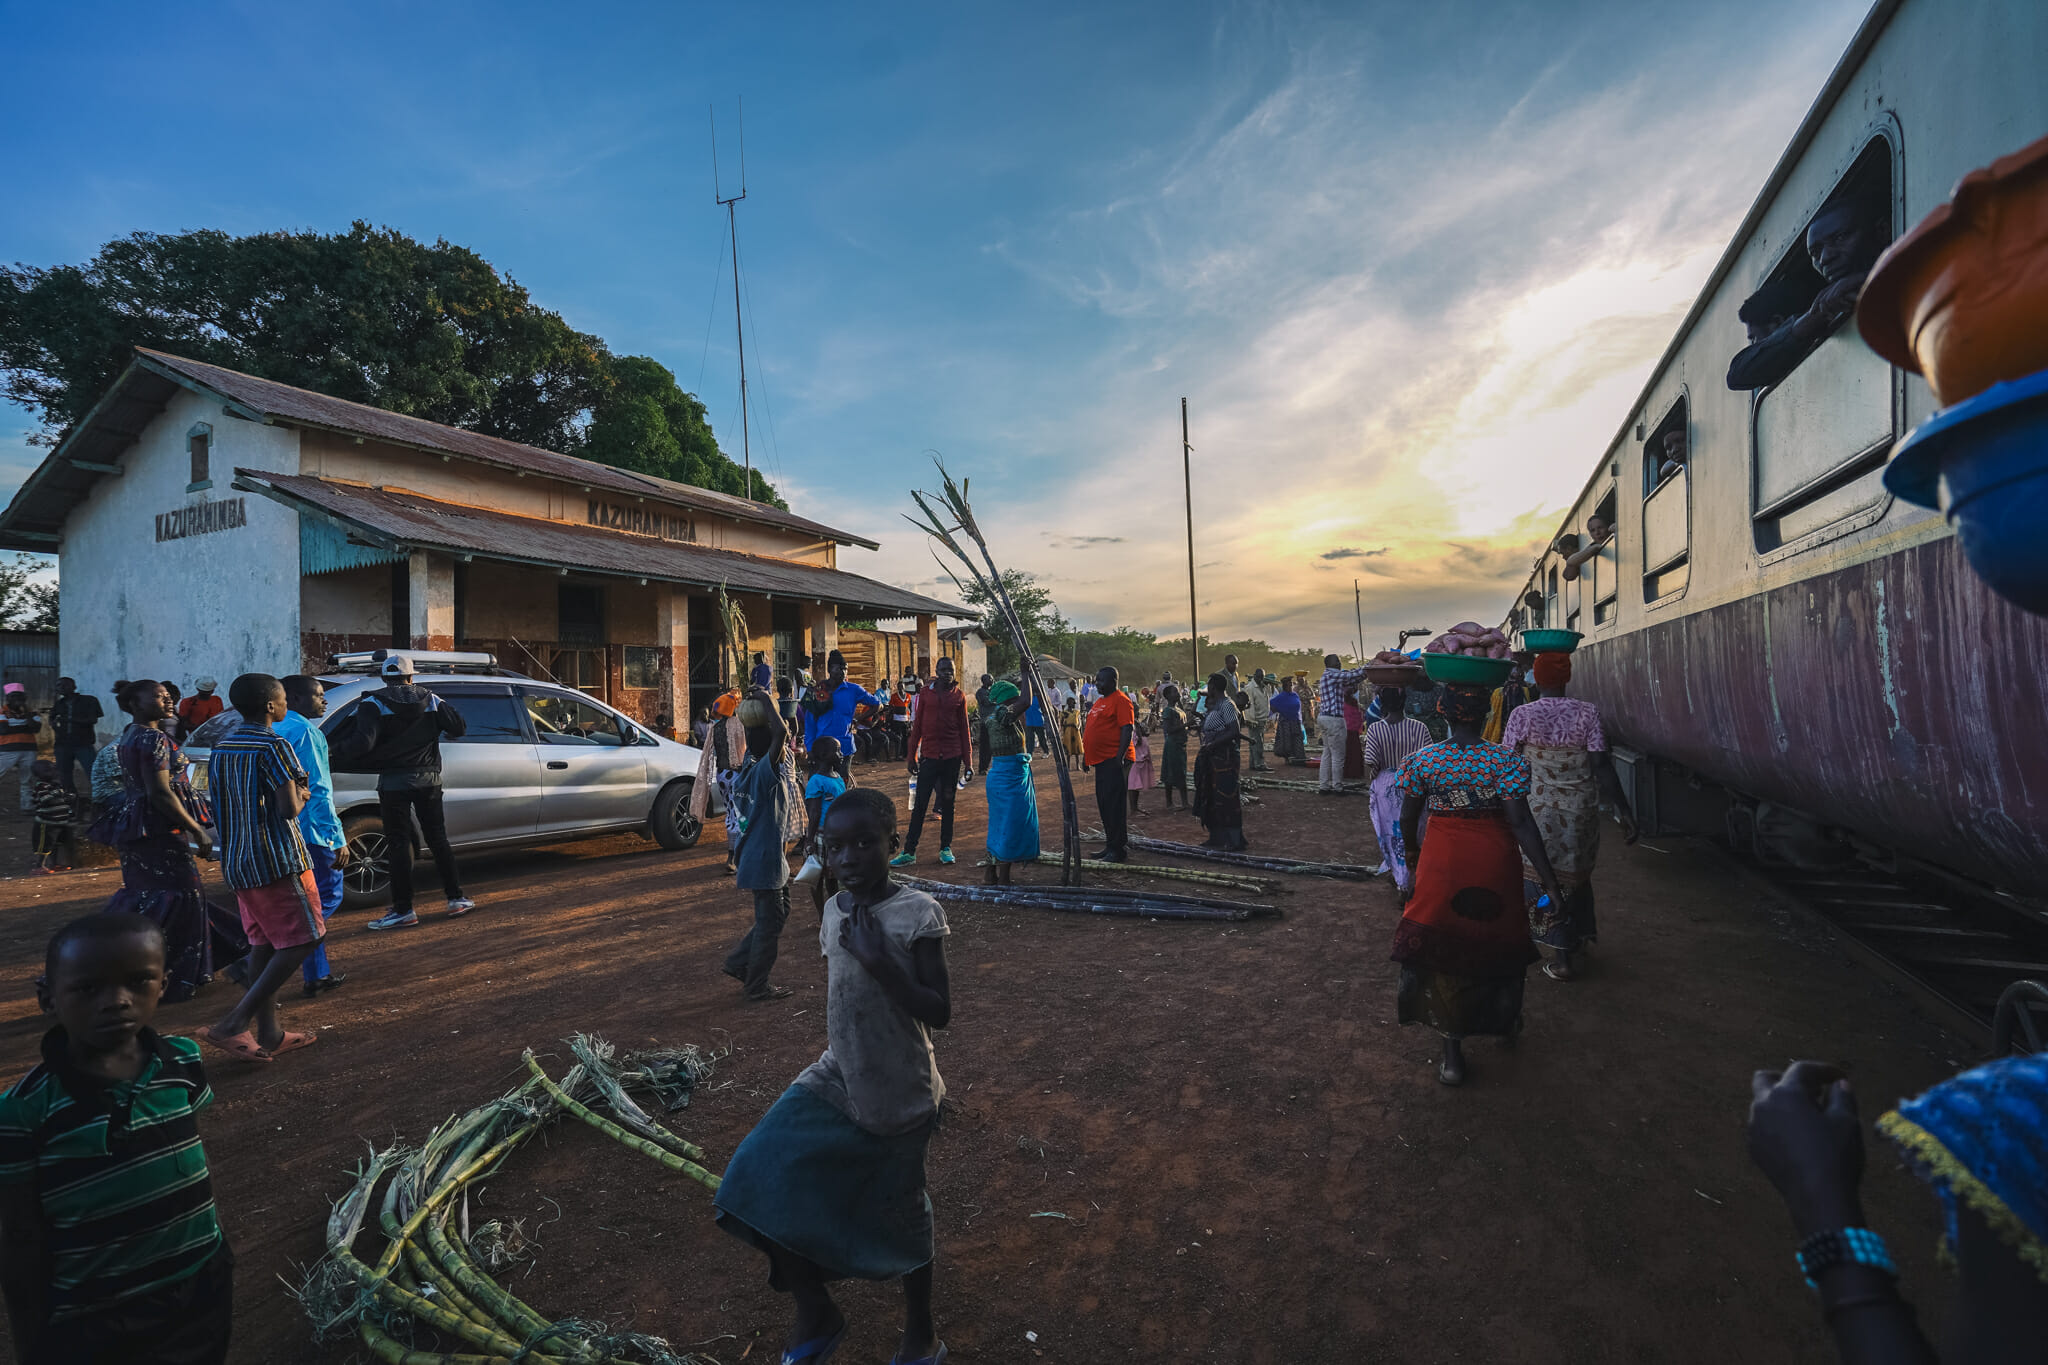 tanzanie-voyage-train-afrique